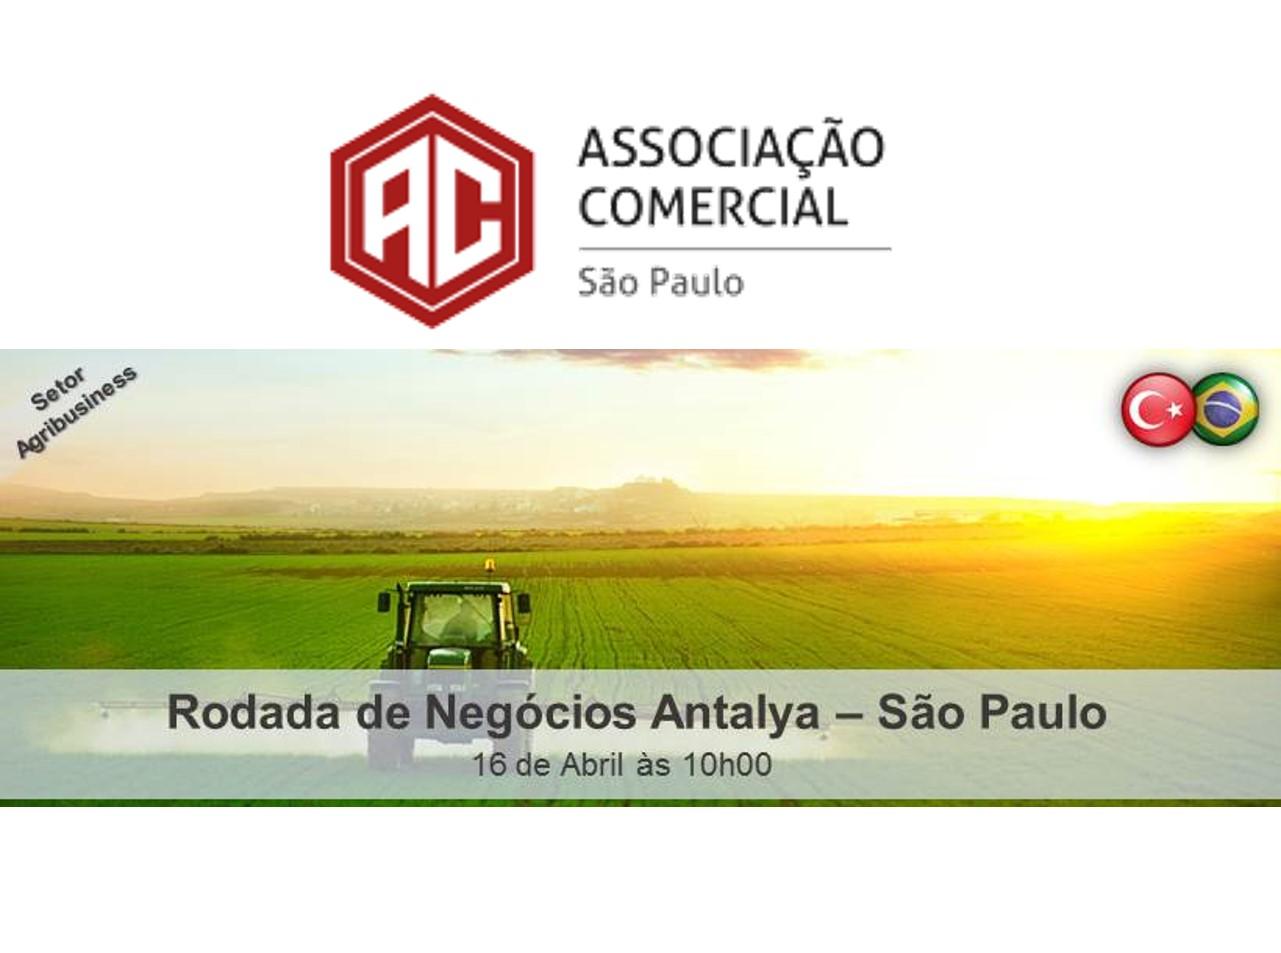 RODADA DE NEGÓCIOS: AGRIBUSINESS ANTALYA-SÃO PAULO